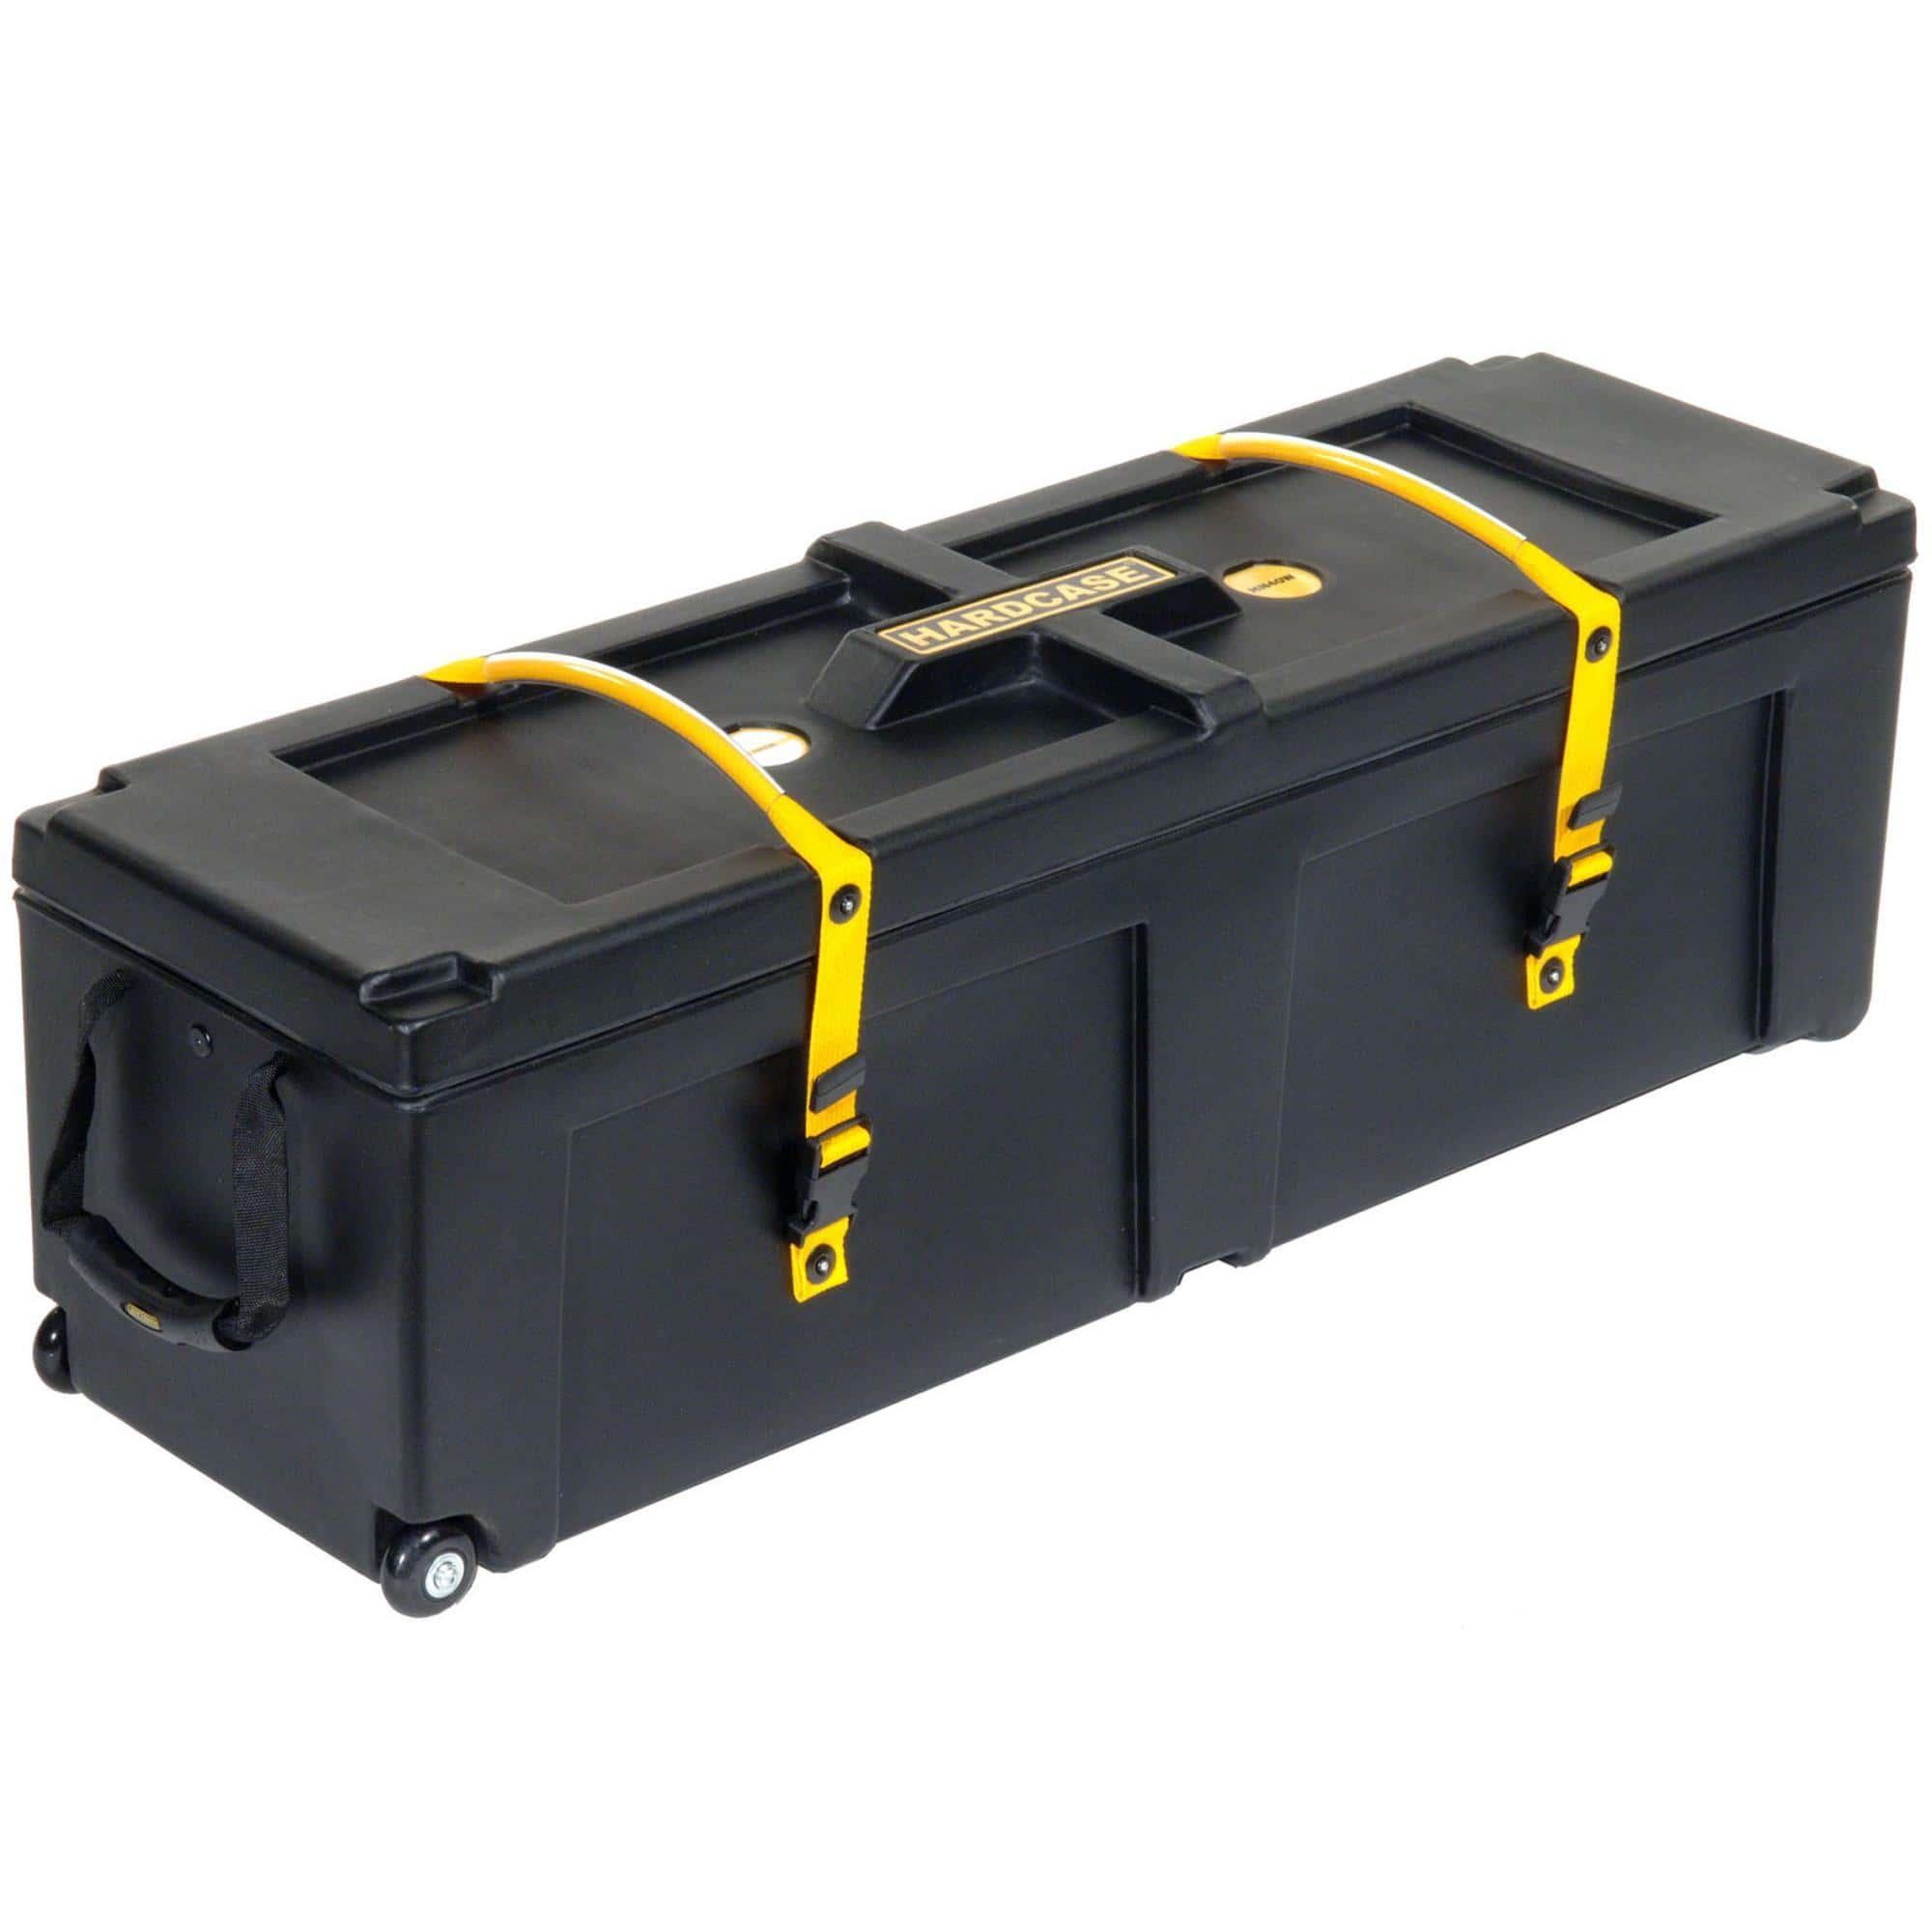 Hardcase HN40W Hardware Case Trolley